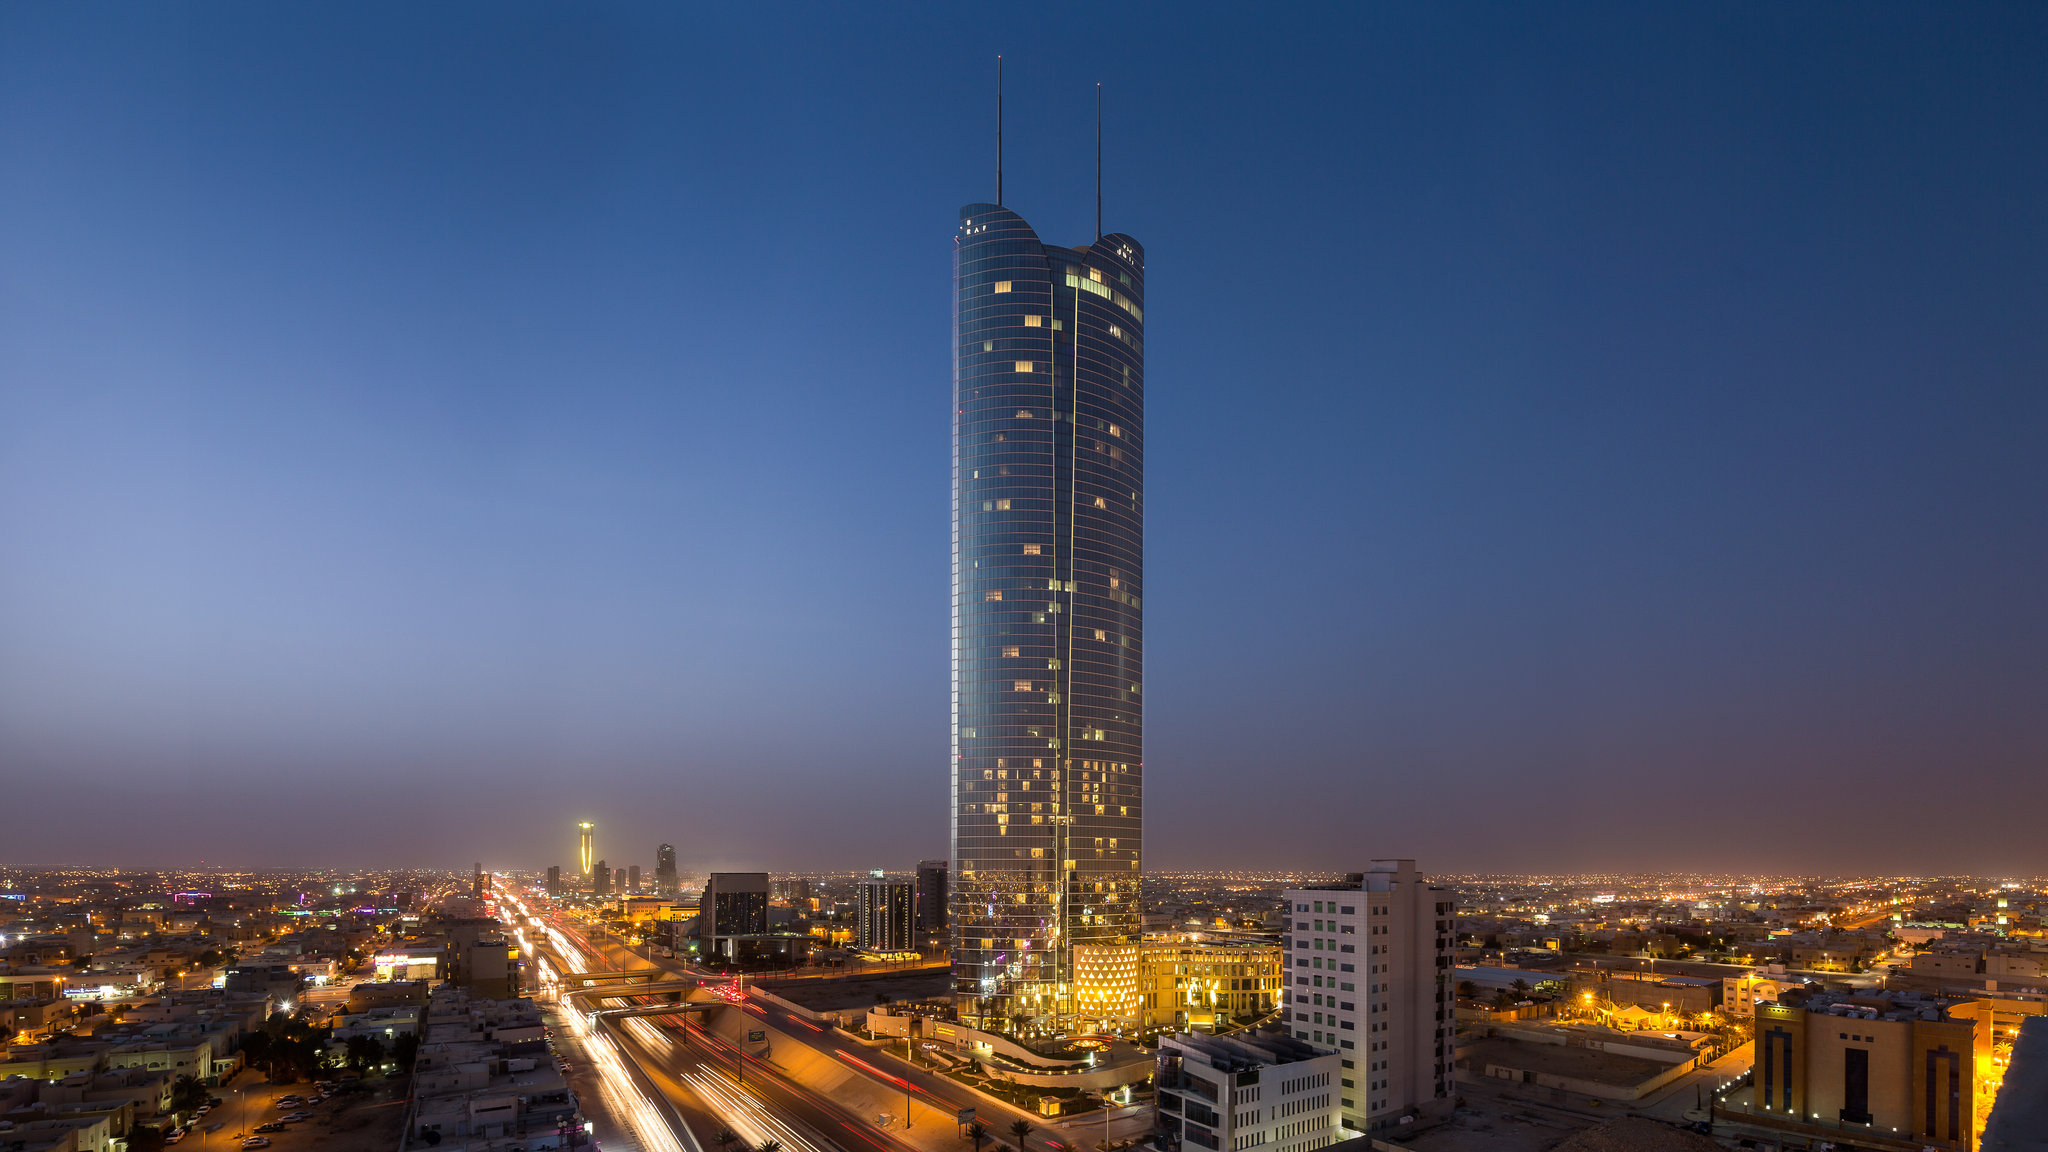 Burj Rafal Hotel Kempinski, Riyadh